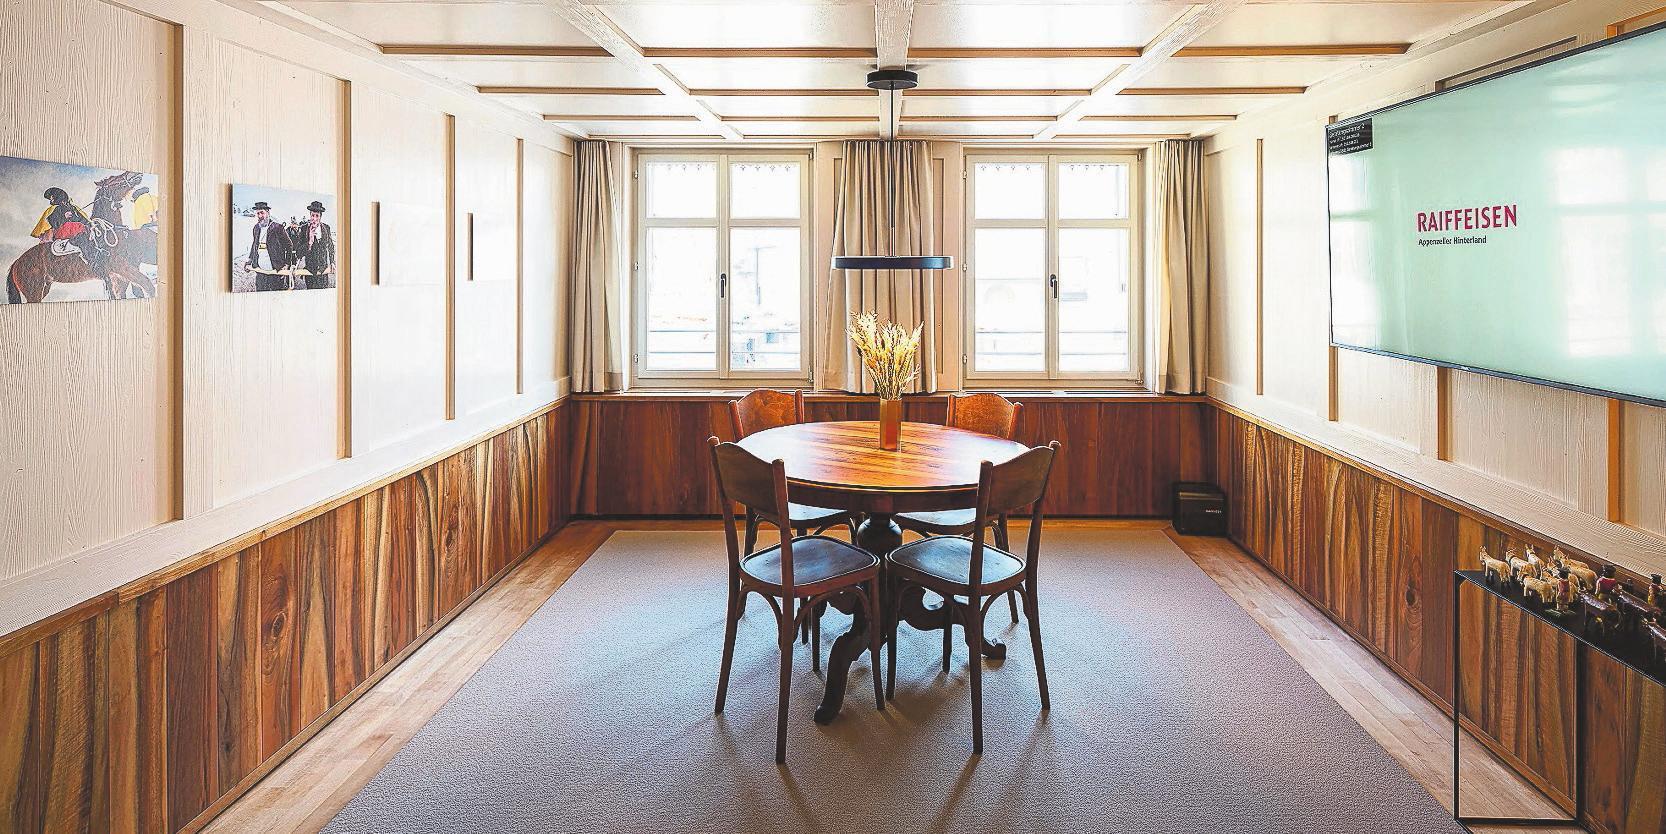 Das Beratungszimmer «Nähe» wirkt bodenständig und strahlt eine wohnliche Atmosphäre aus.